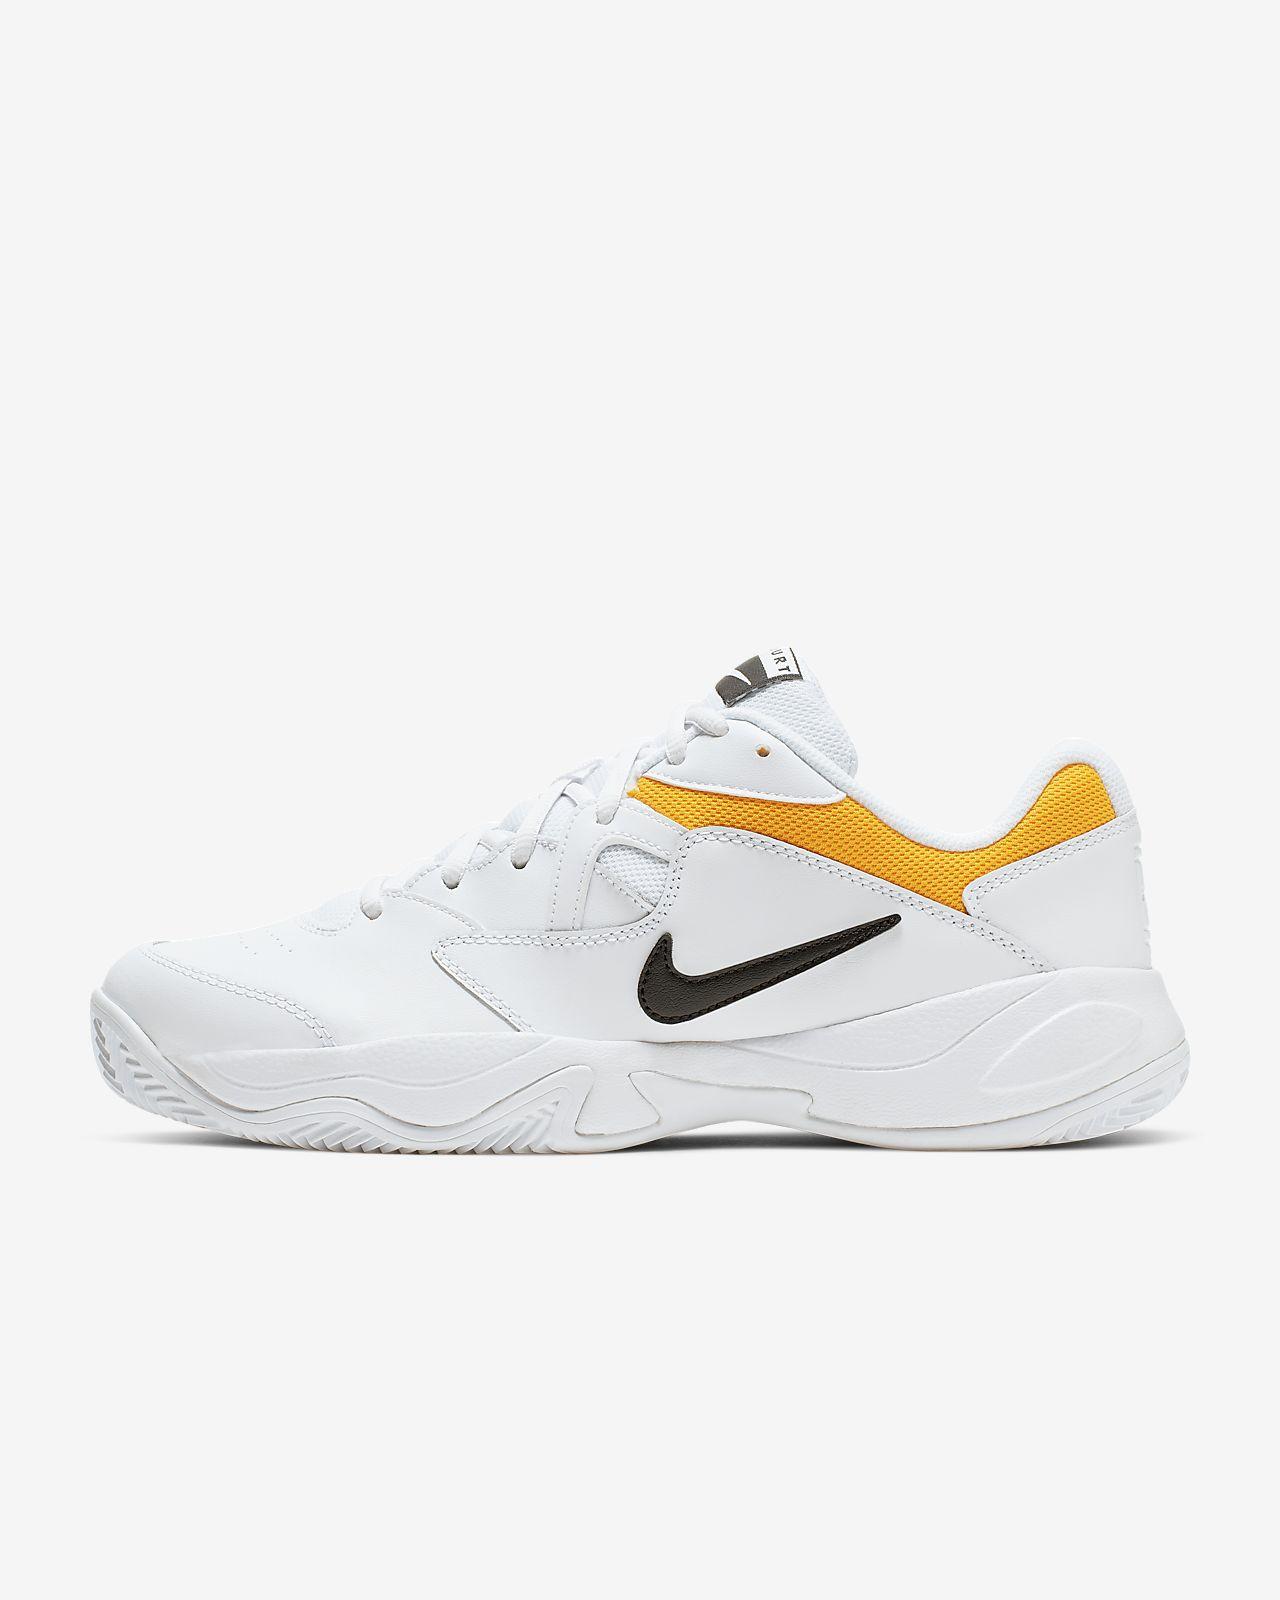 8755d5bf2e3ad ... Calzado de tenis para canchas de arcilla para hombre NikeCourt Lite 2